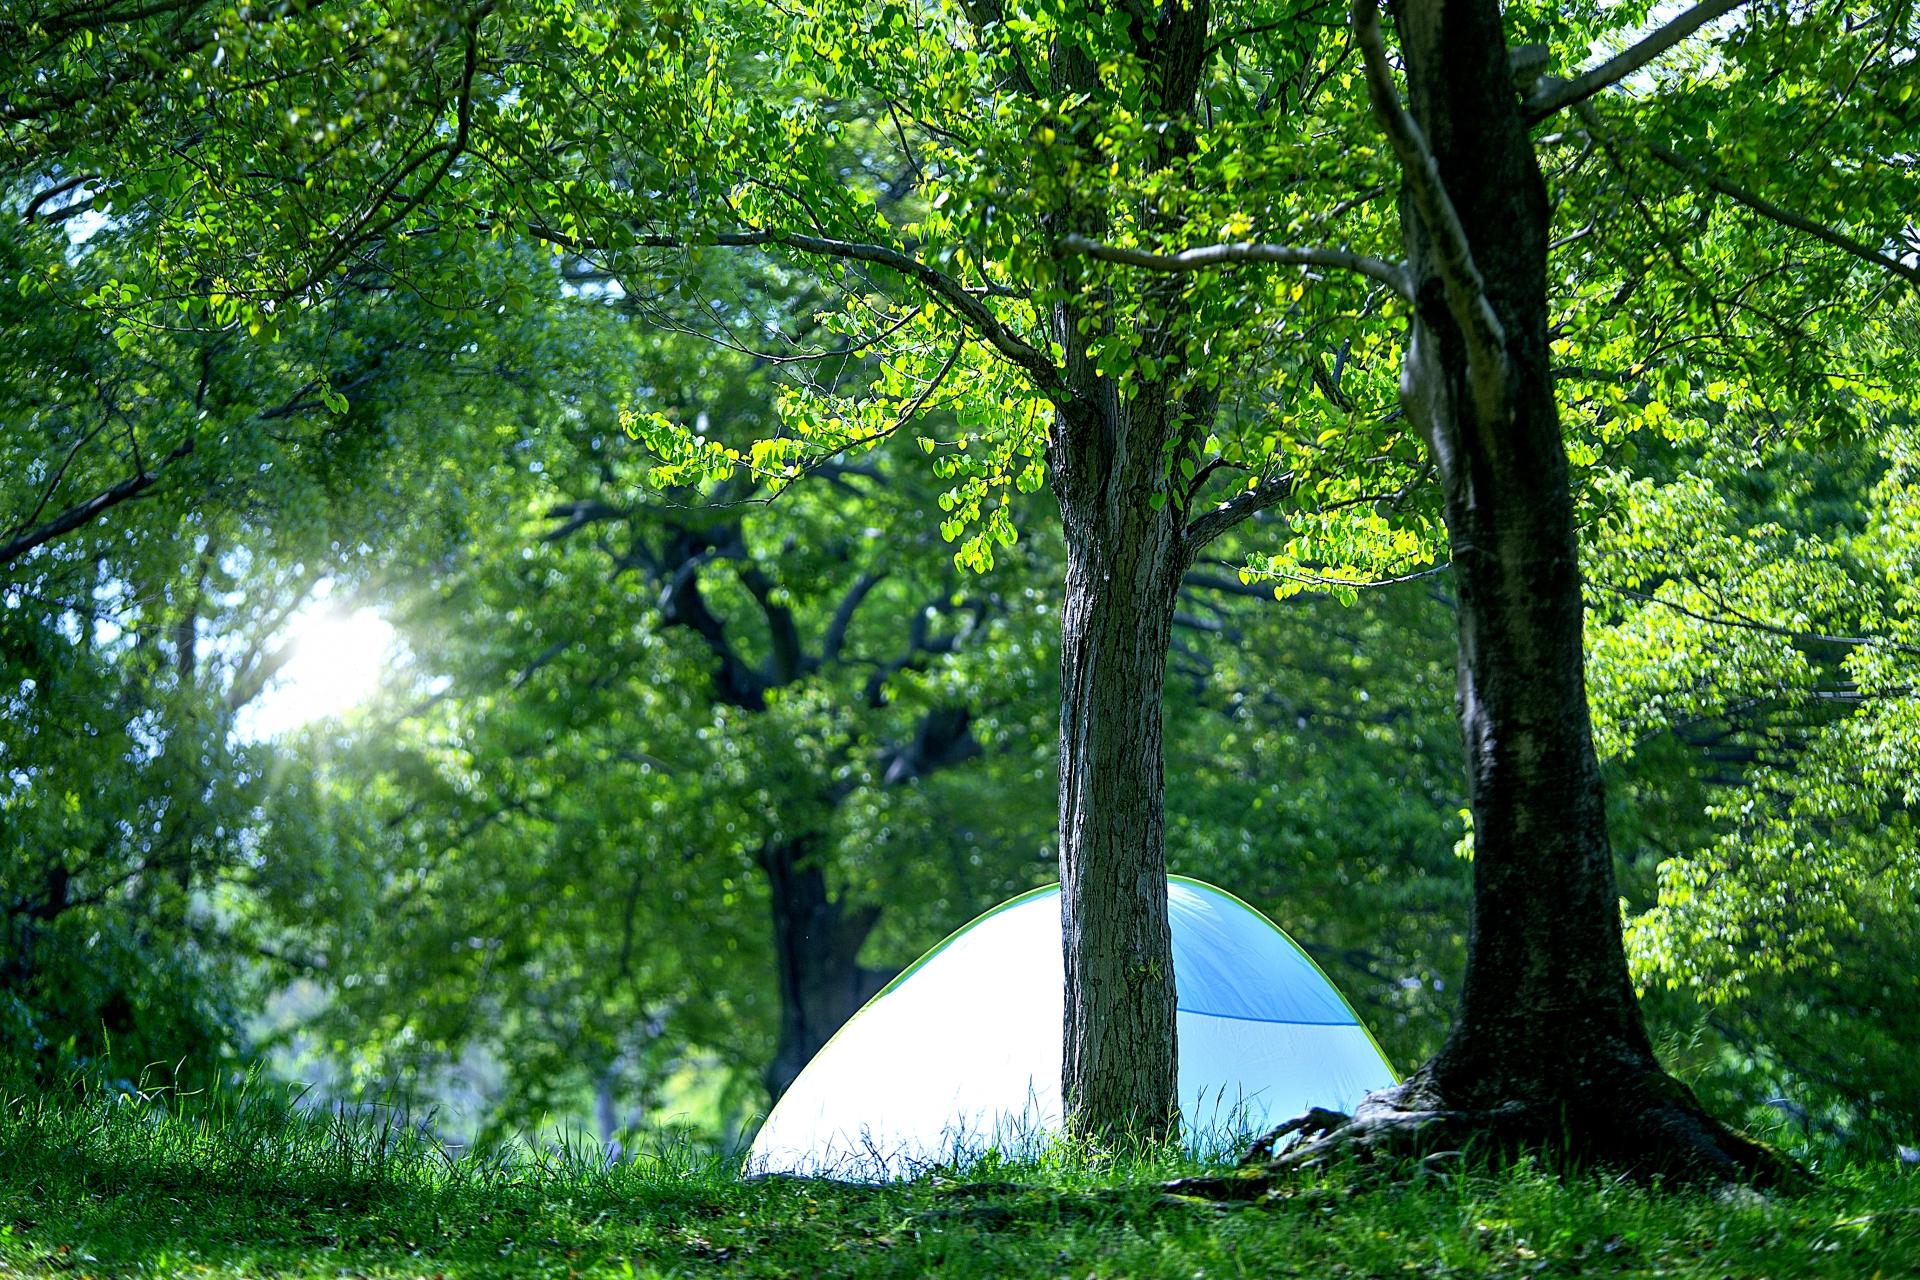 ソロキャンプ、一人キャンプで注意するべき点をご紹介します!